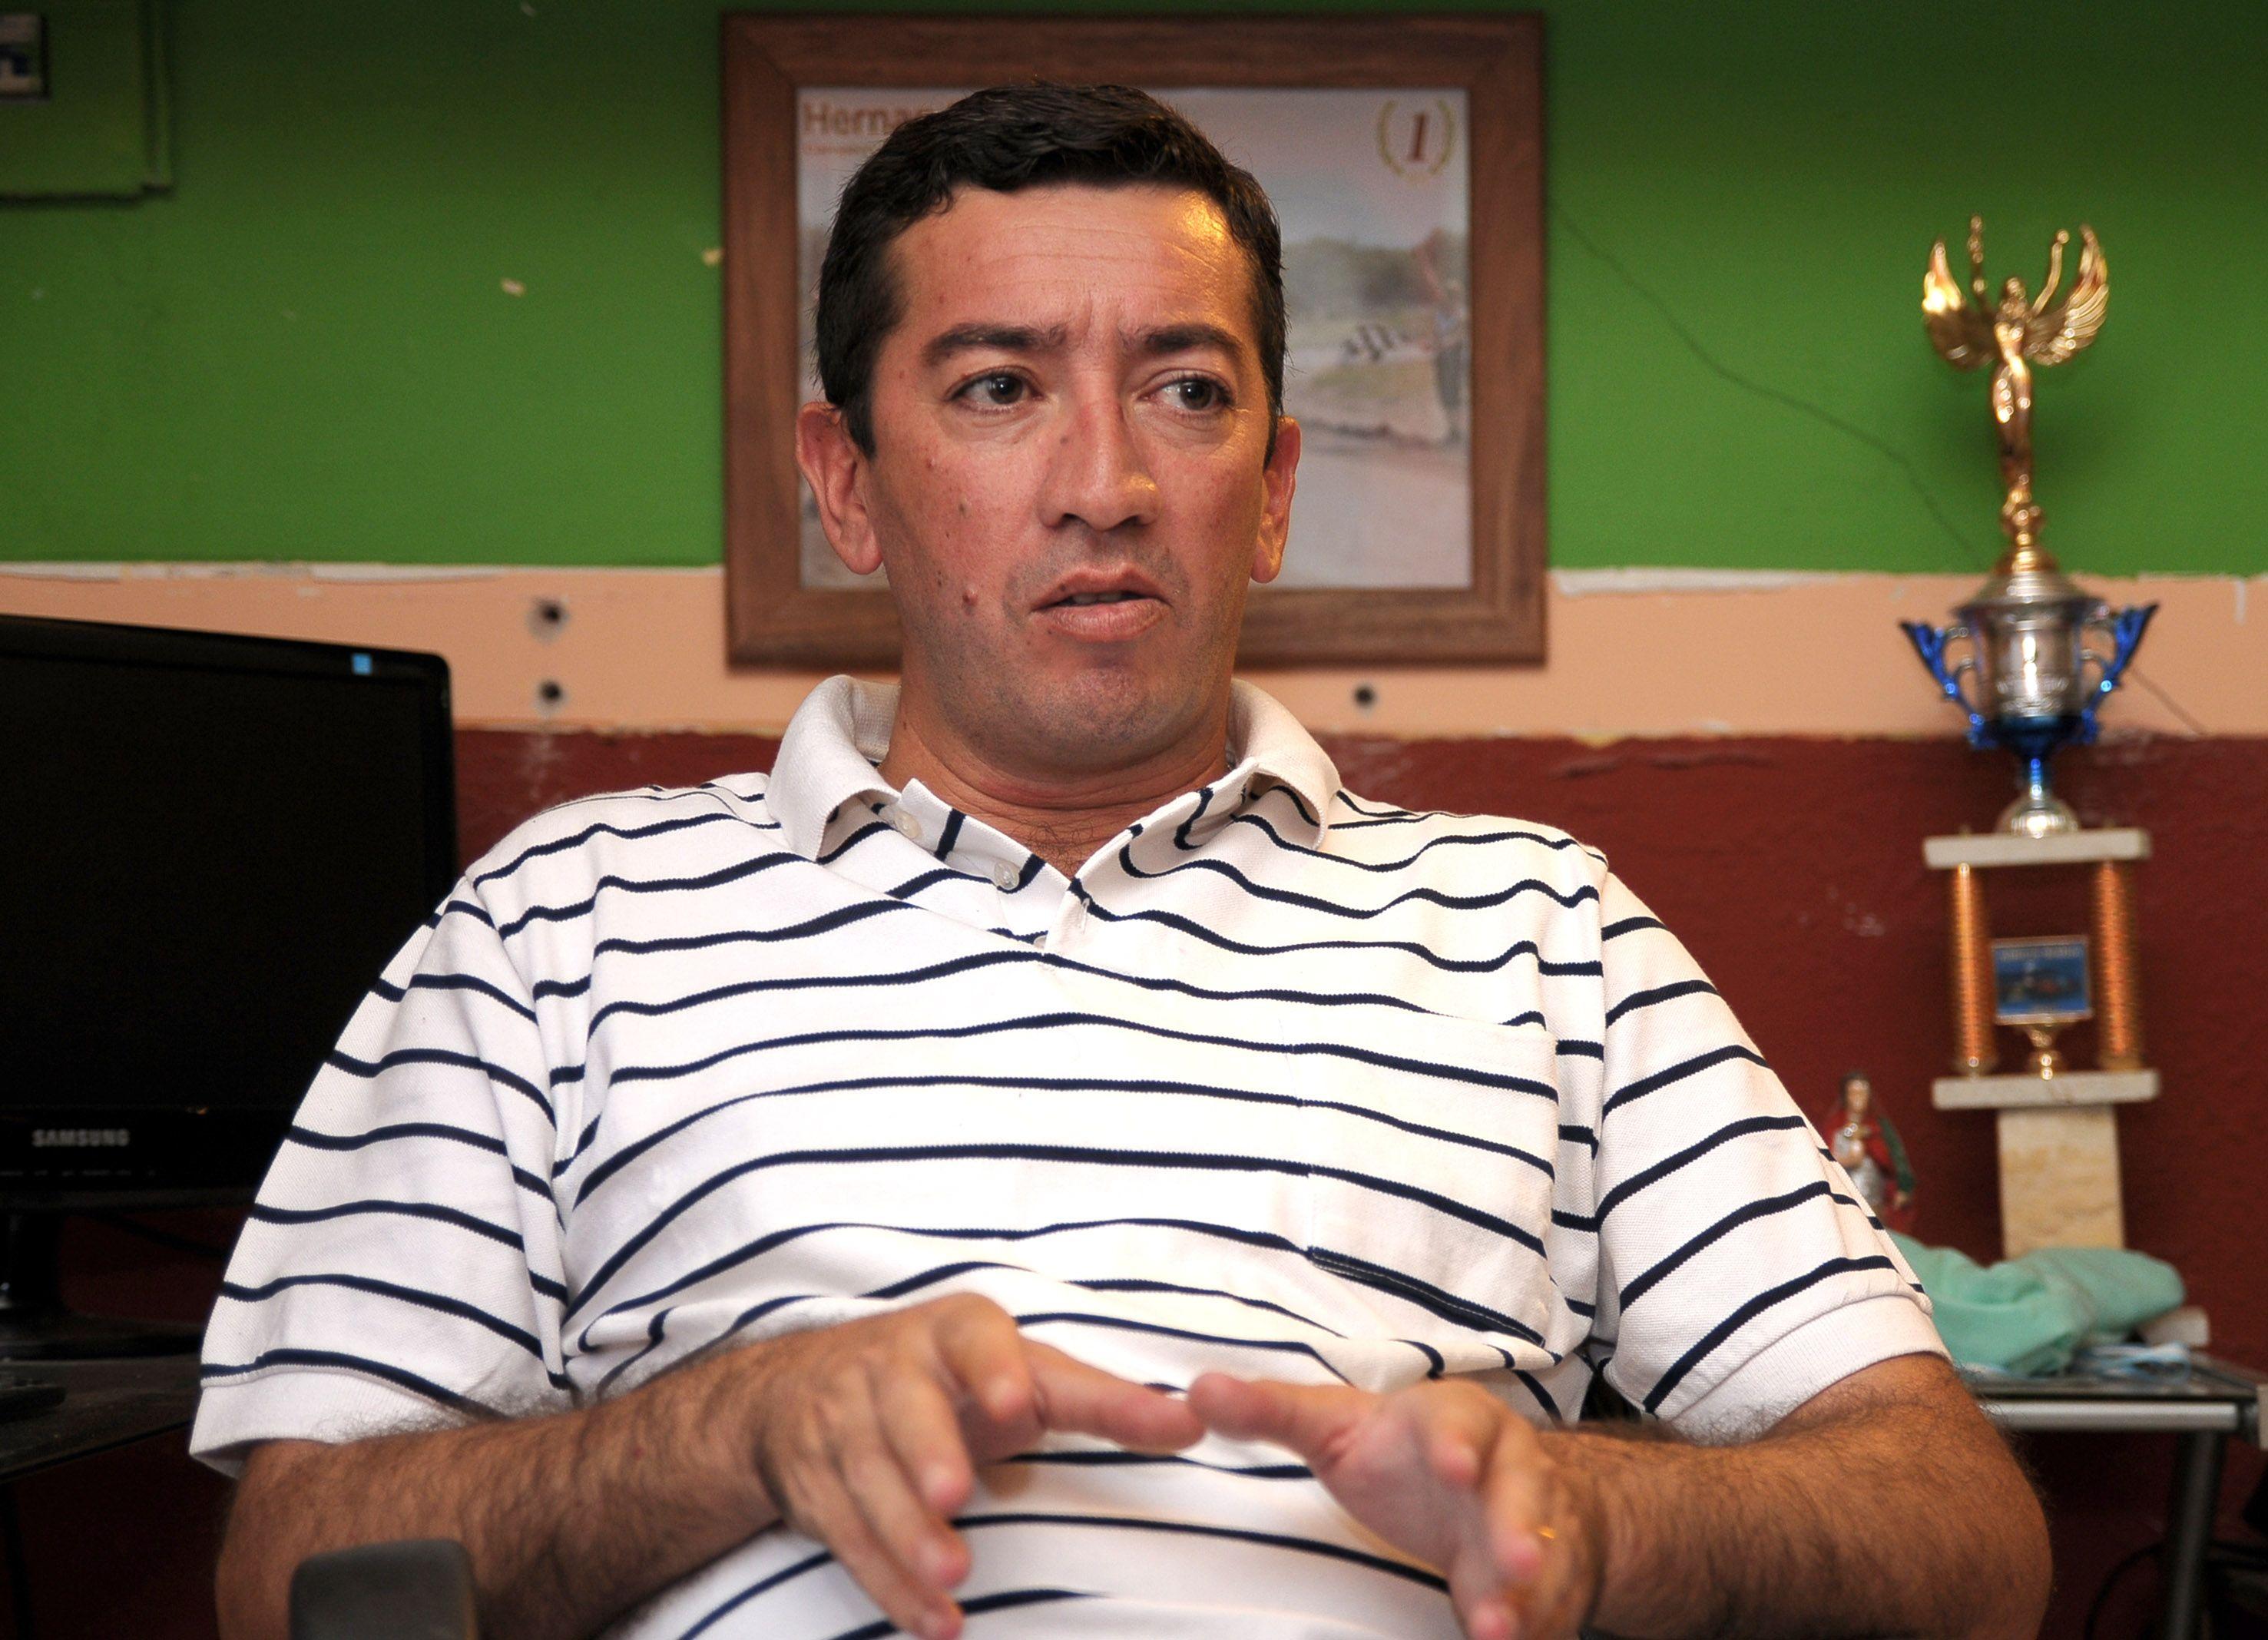 Hallan pruebas que incriminan al intendente de La Calera con la muerte de su esposa